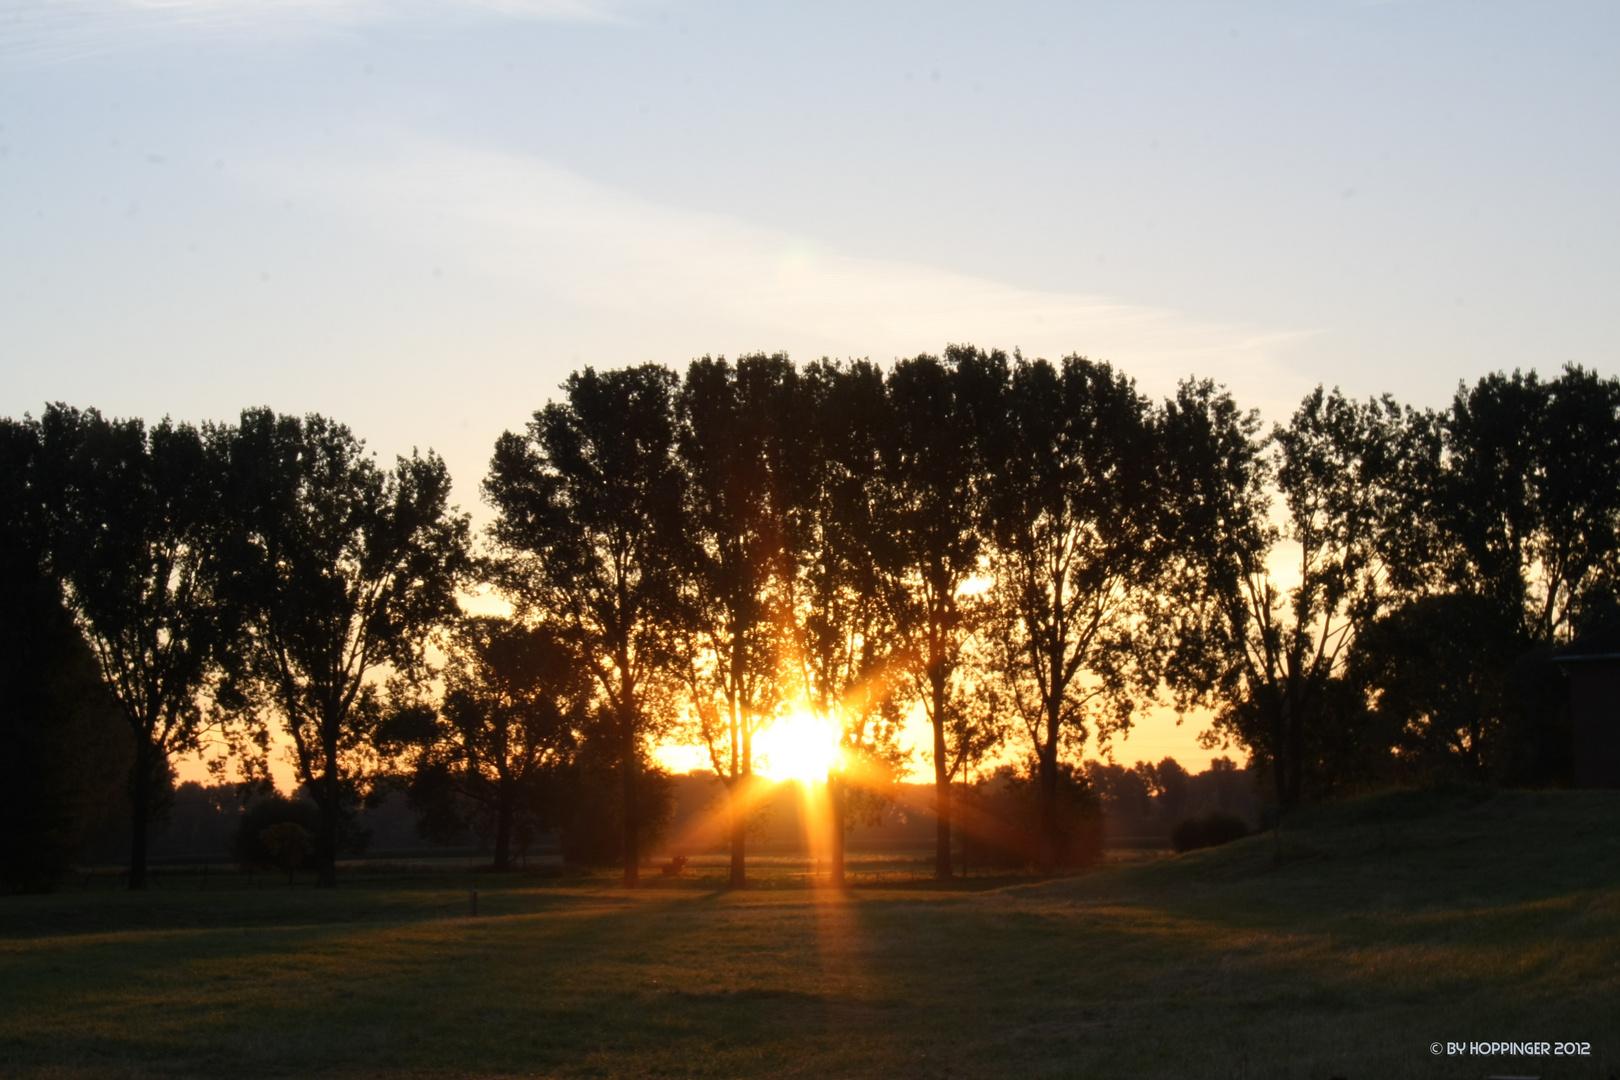 Sommer, Sonne, Sonnenschein zieh´ich mir Furchtbar gerne rein!